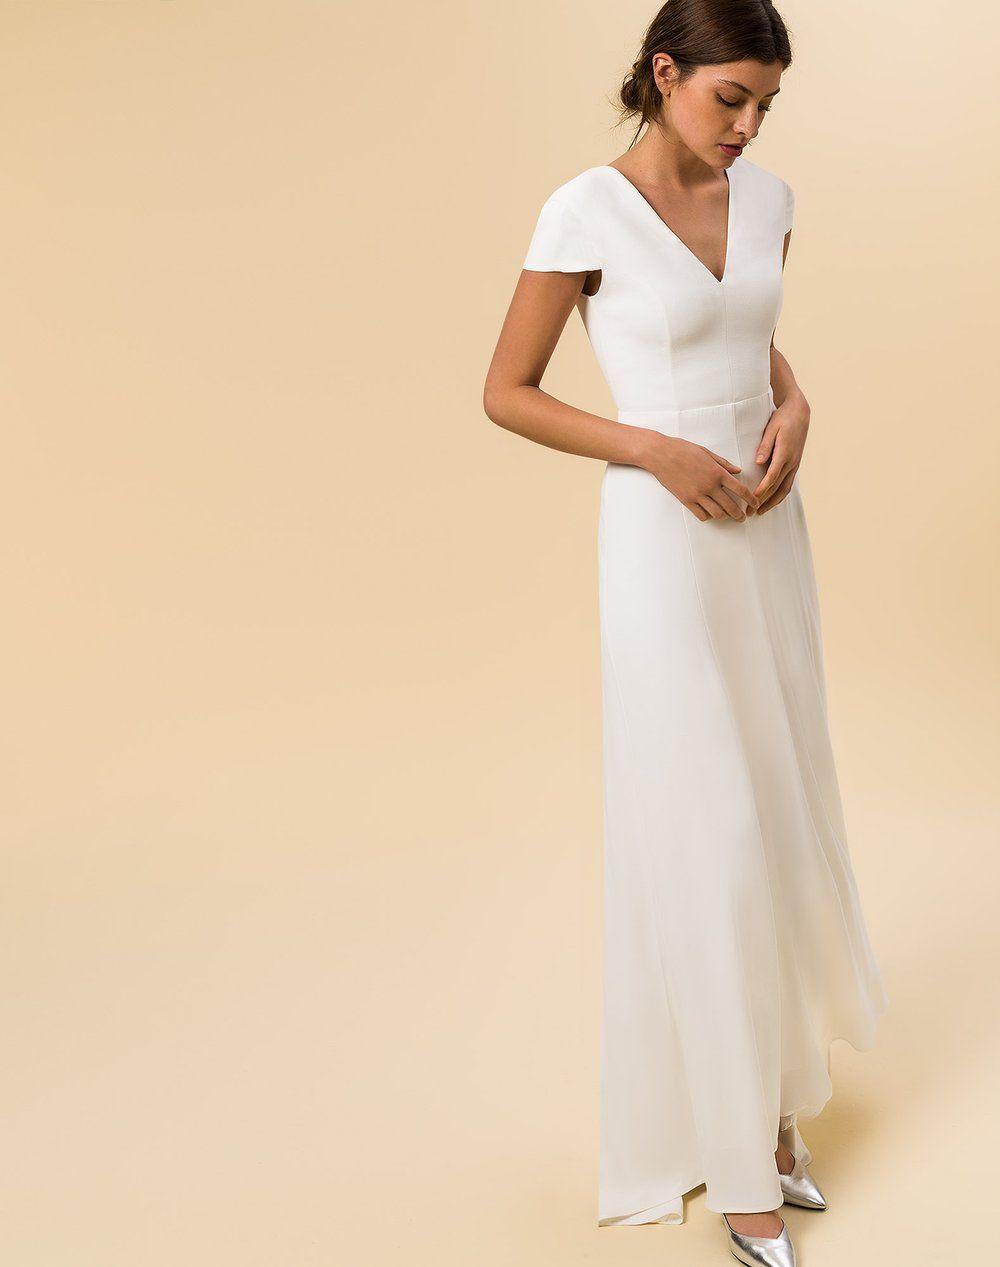 Maxi Brautkleid mit Rückenausschnitt und Schleppe cremeweiß